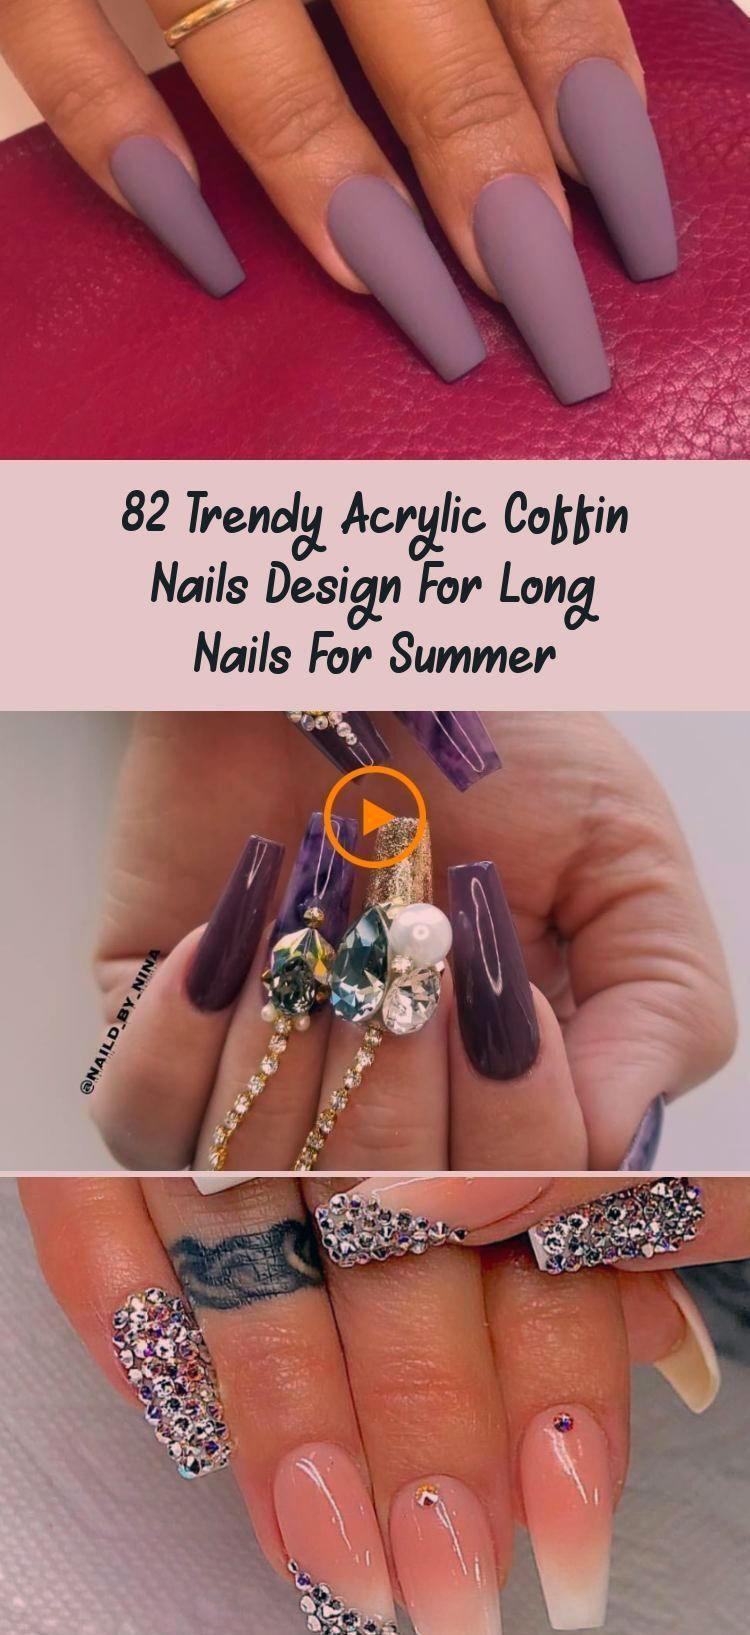 Makeup Coffin Nails Stilettos Coffin Nails Stilettos Coffin Nails Colour Pastel Coffin Nails Coffin Nails M In 2020 Coffin Nails Designs Long Nails Teal Nails